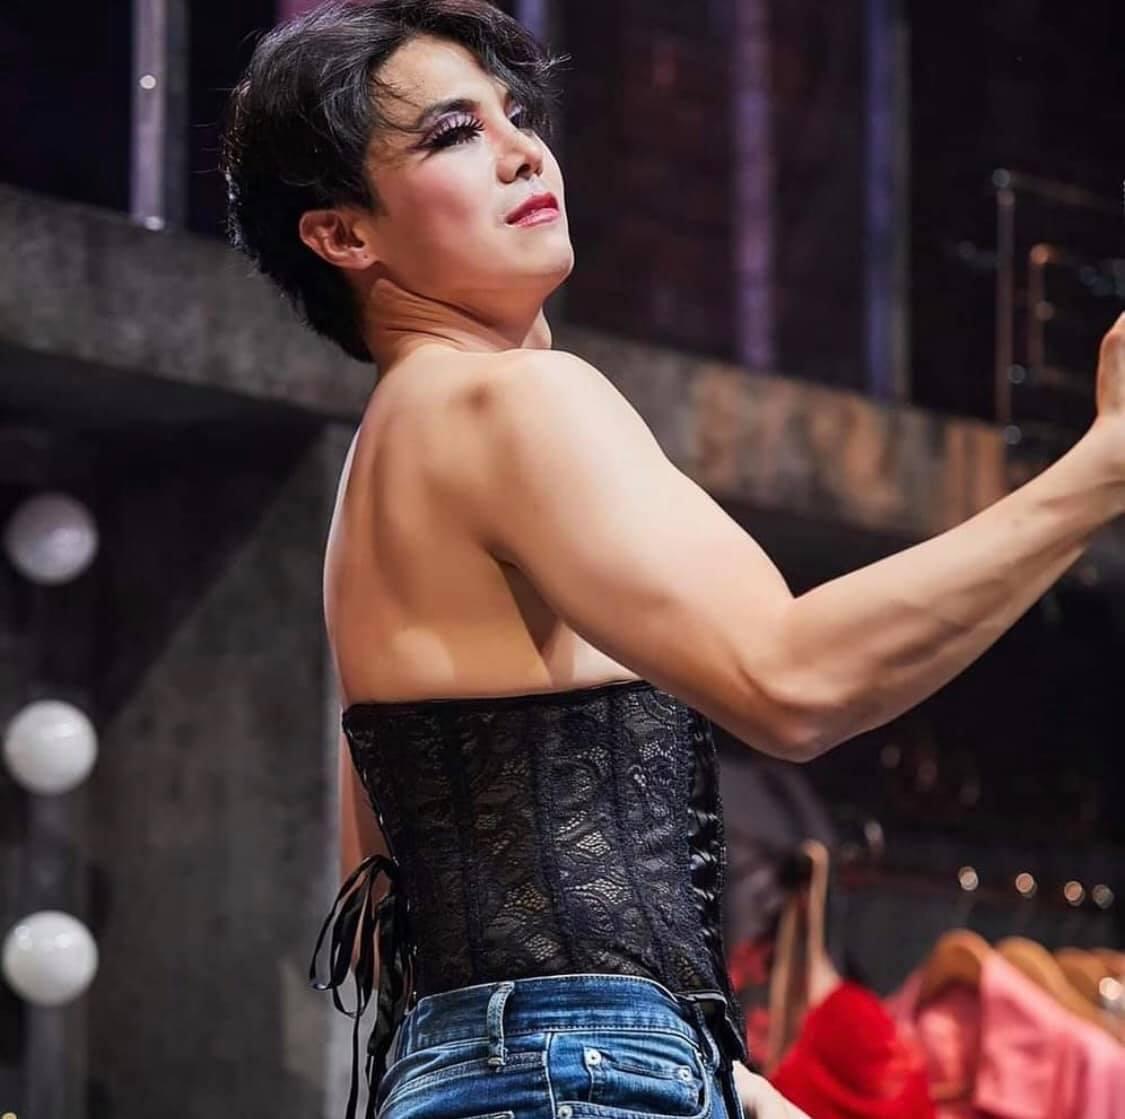 5 tạo hình khiến diễn viên Hàn muốn chôn sống: Makeup thảm họa của Song Joong Ki chưa sốc bằng trùm cuối - Ảnh 17.